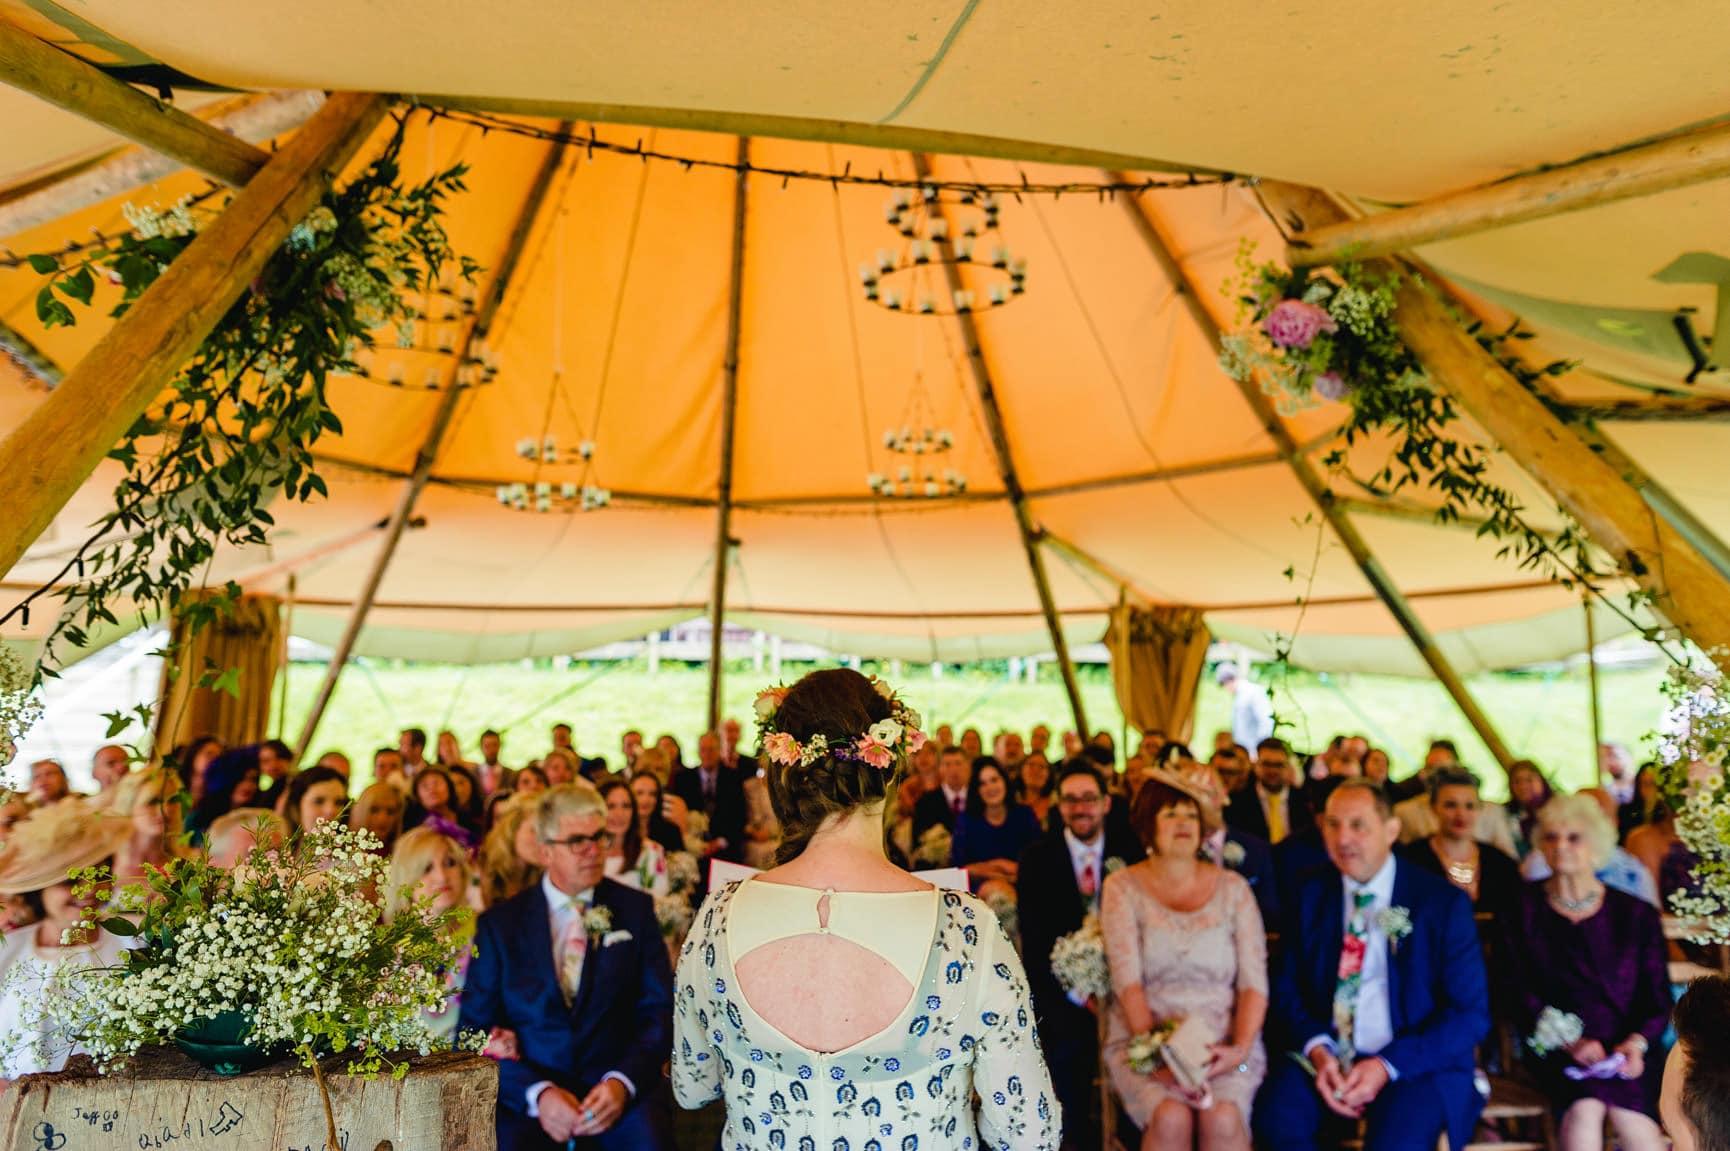 Fforest Wedding, Cardigan, Wales - Lauren and Gareth 61